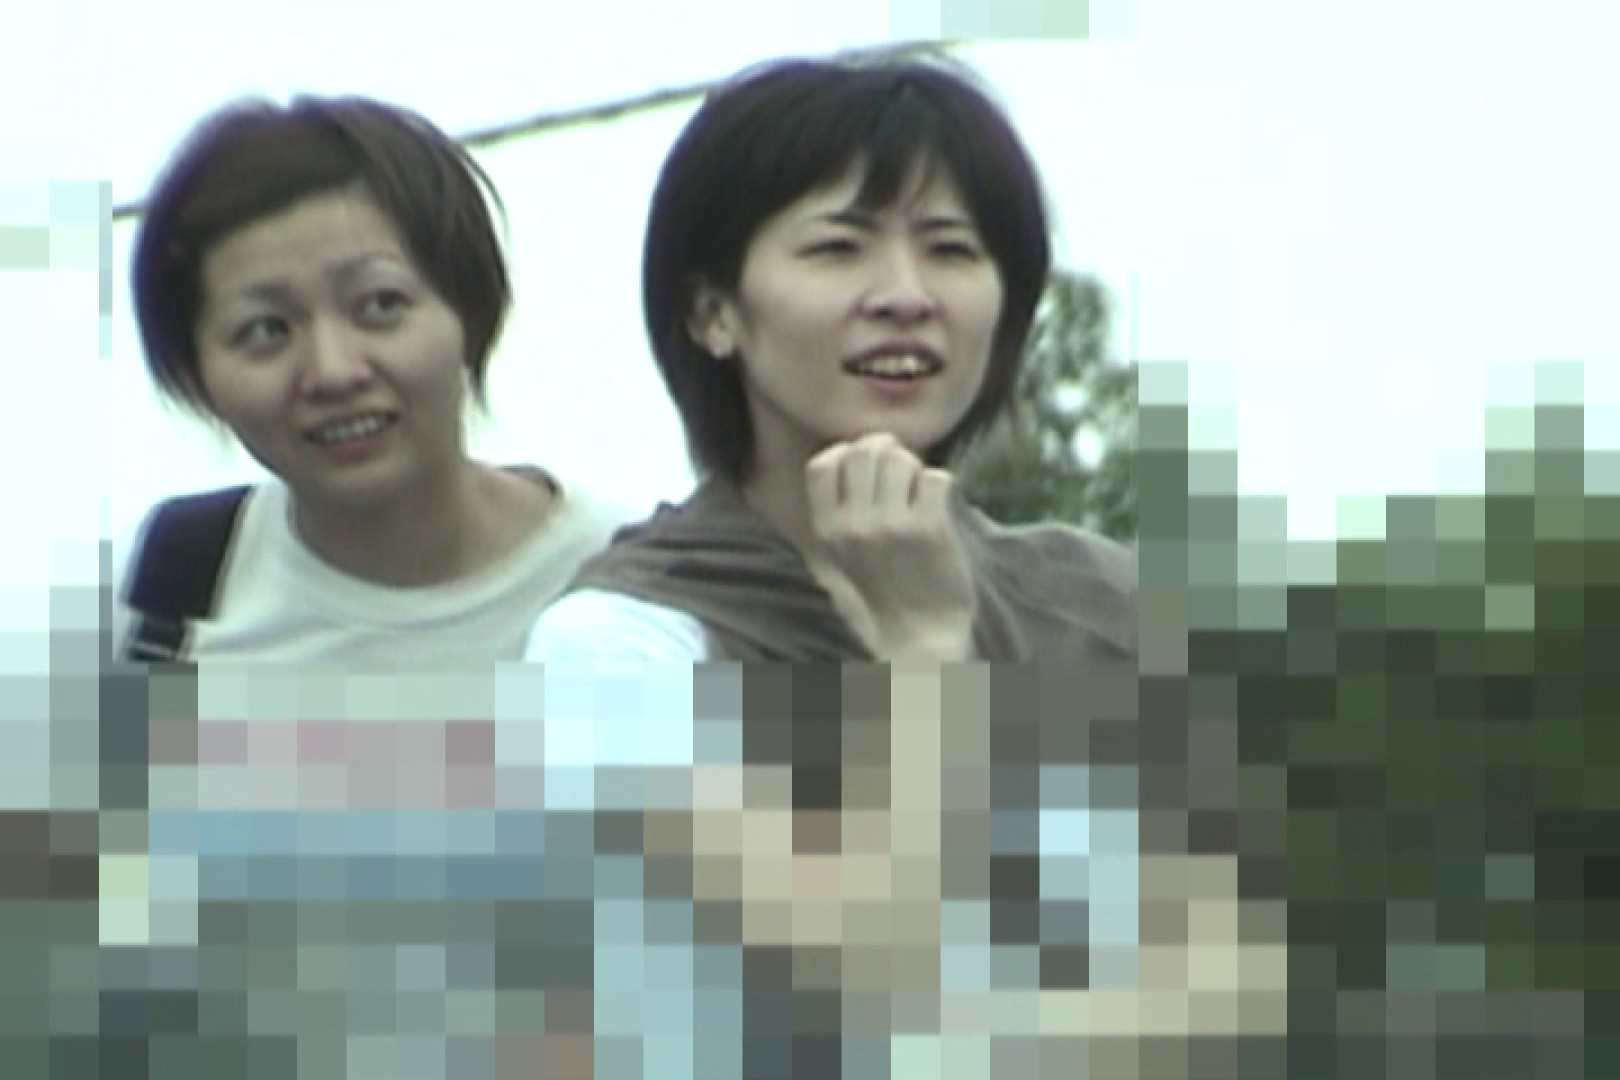 Aquaな露天風呂Vol.793 露天 | 盗撮特集  56画像 2